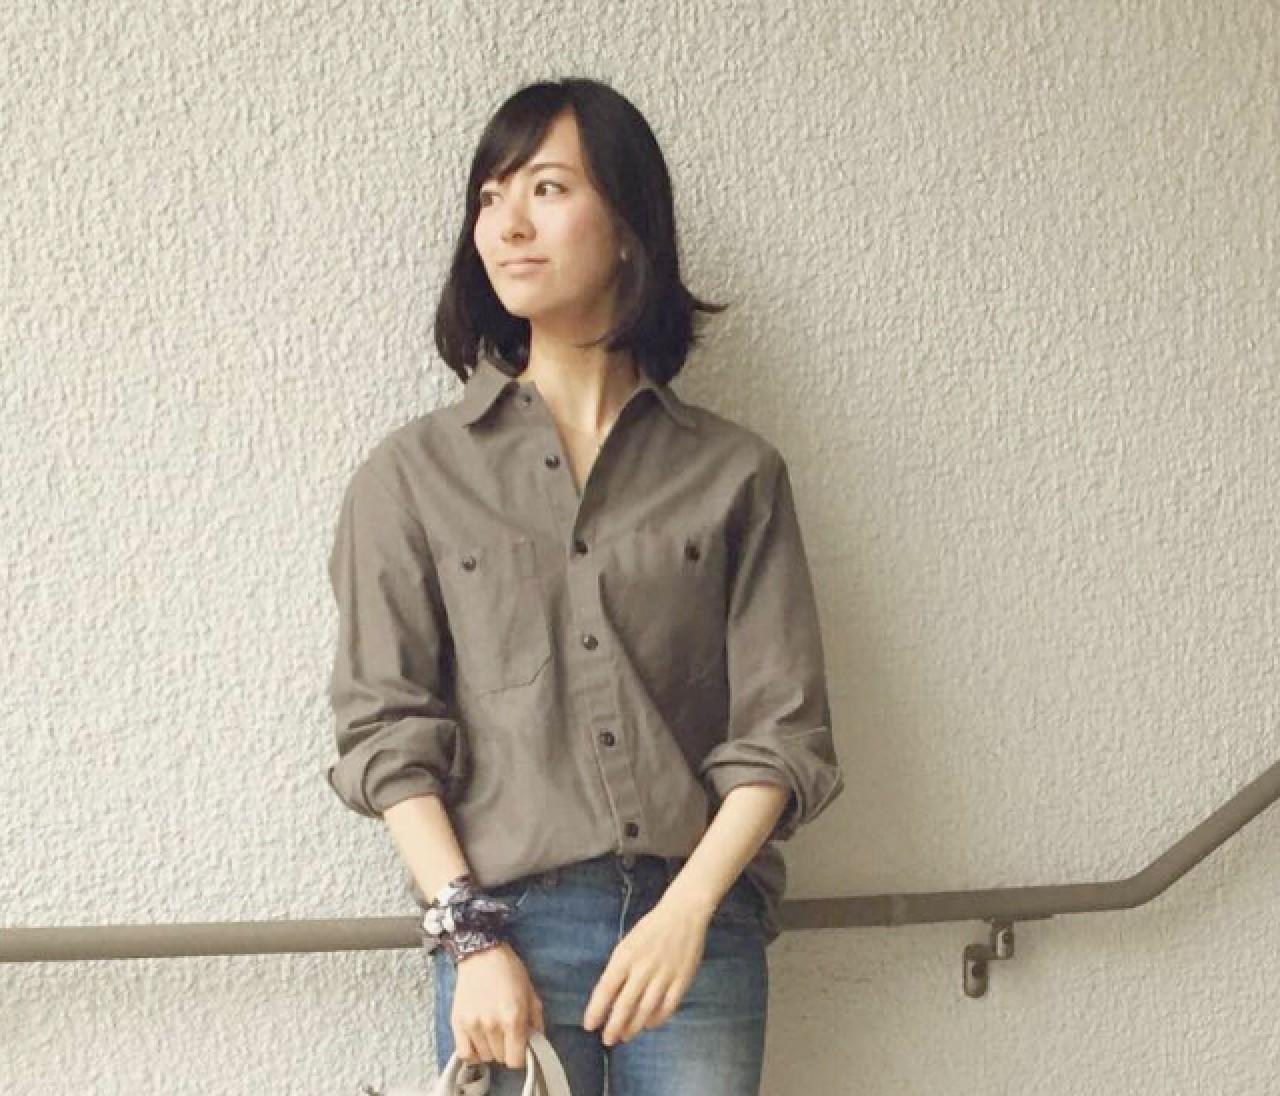 【スナップ】女っぽさMAX♥︎ ゆる感ビッグなサファリシャツ